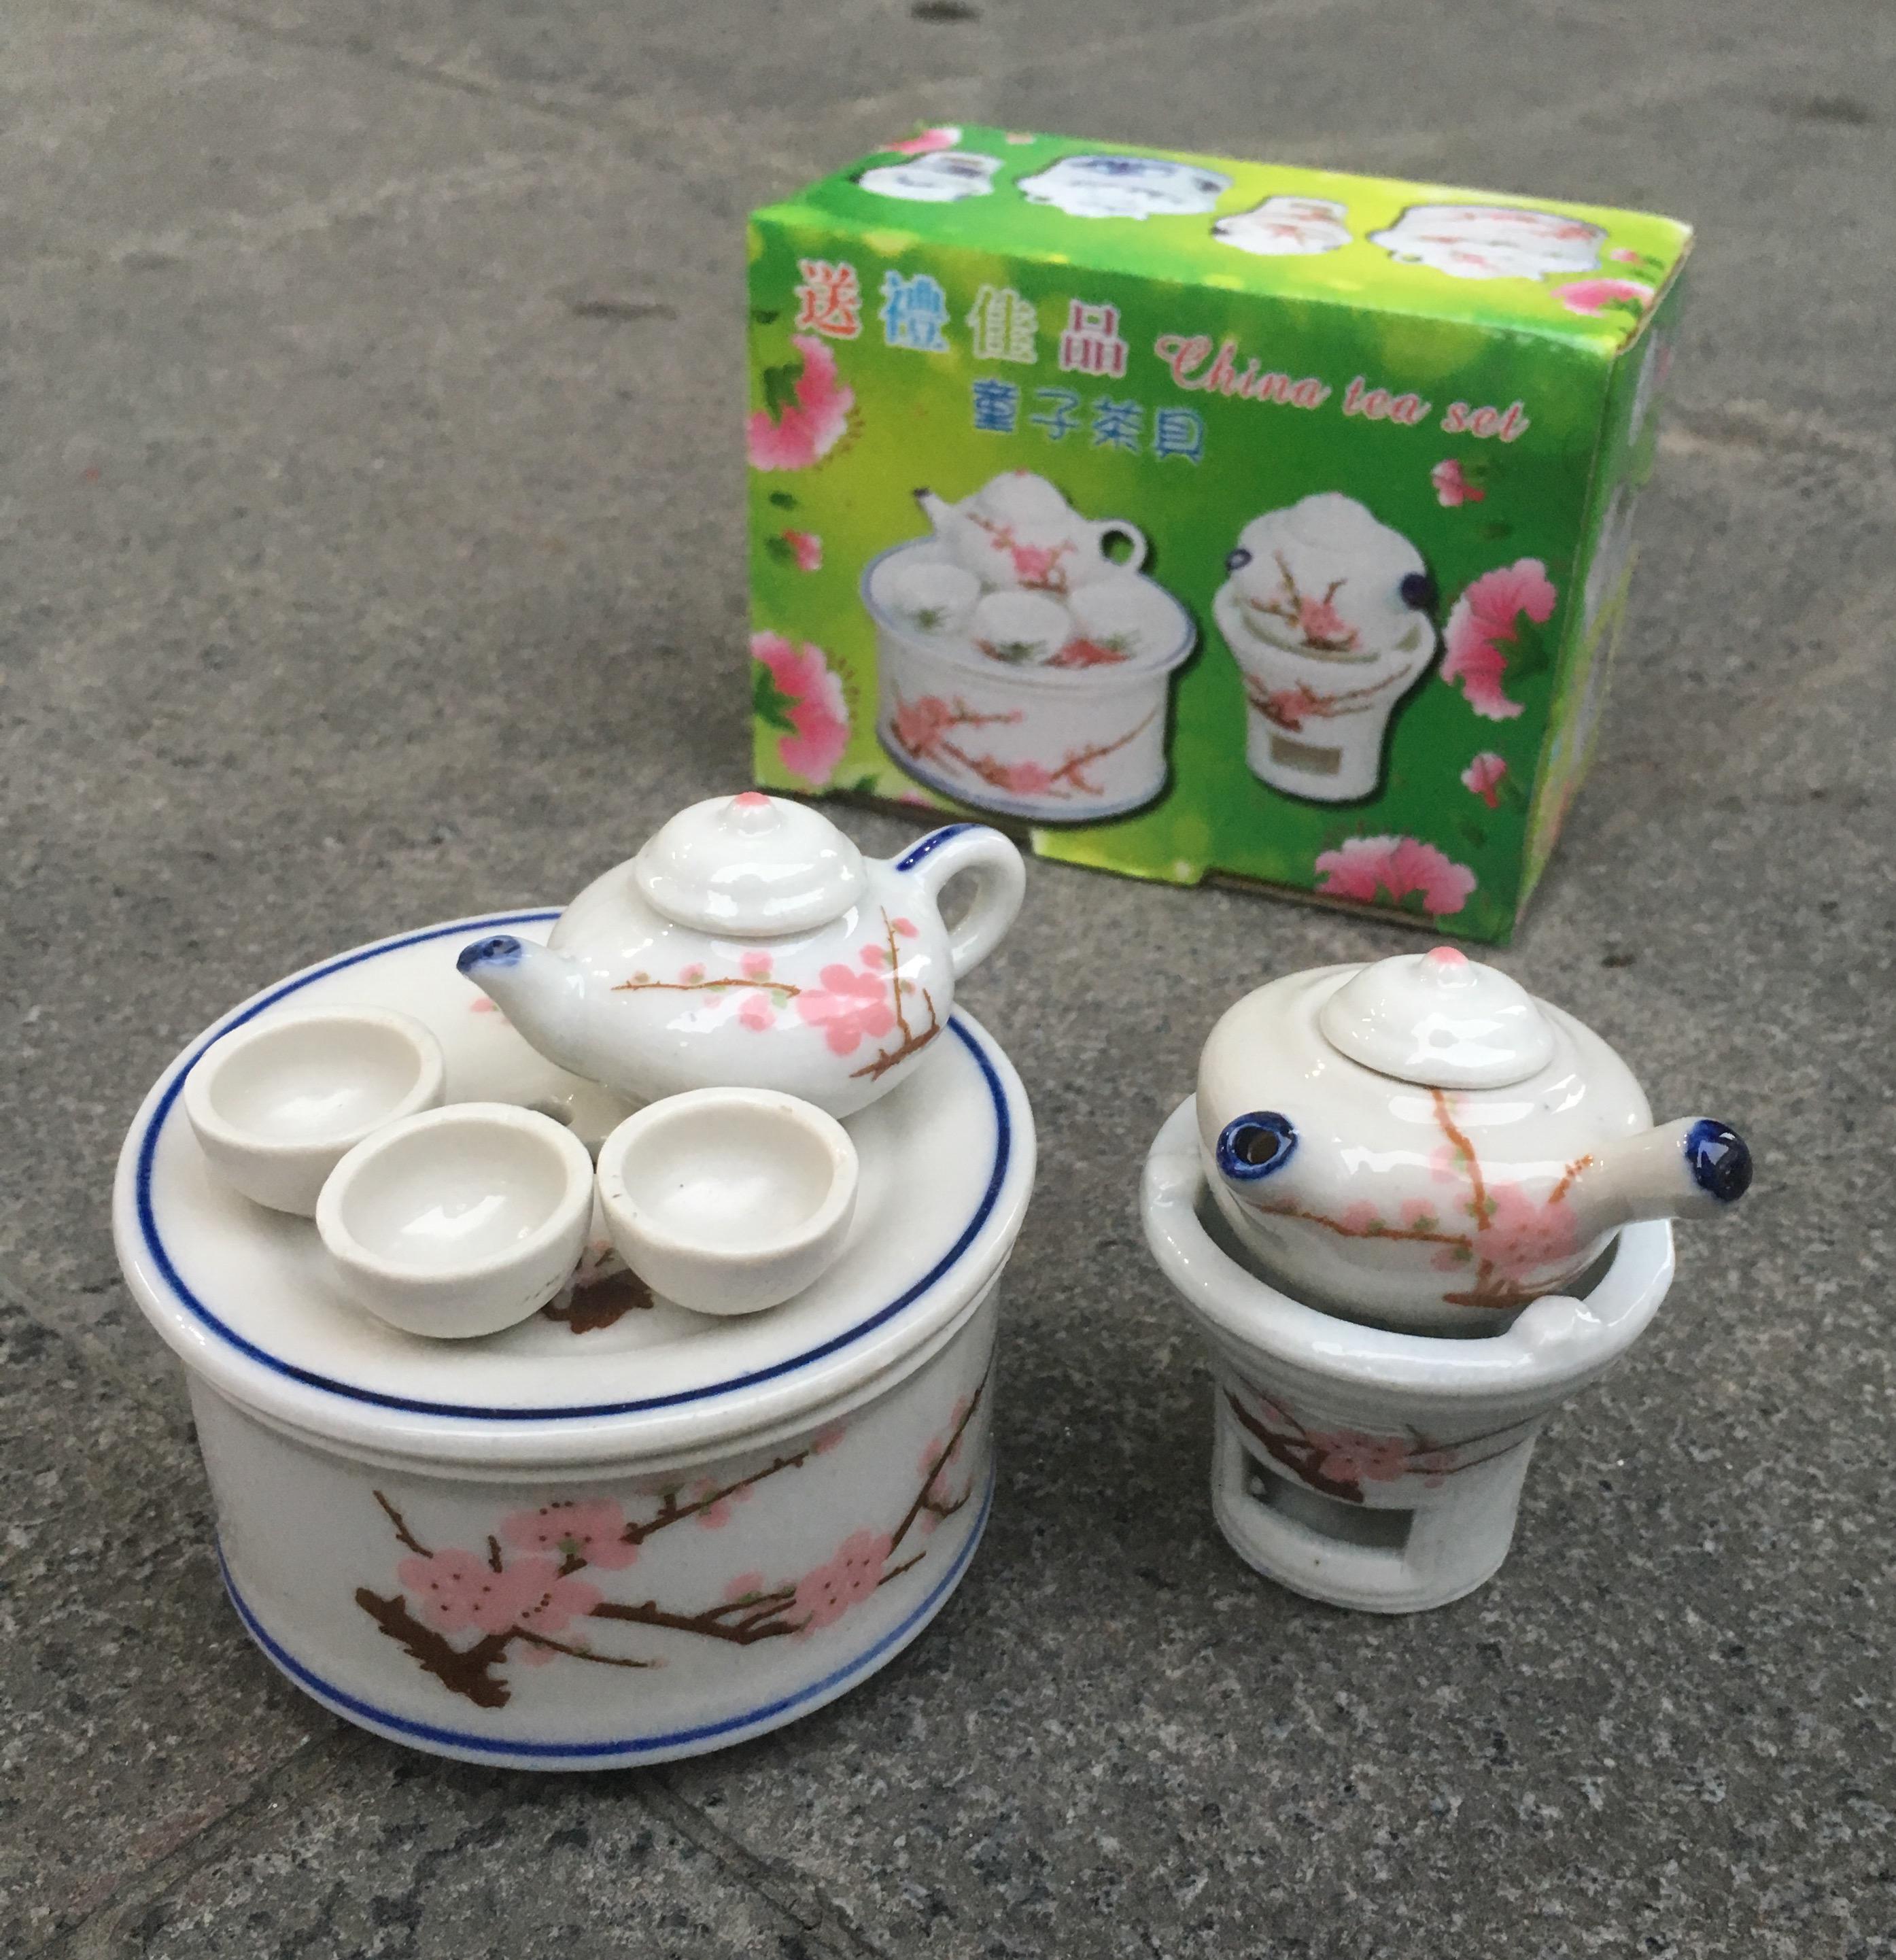 迷你擺件創意陶瓷兒童小玩具過家家模擬小型功夫茶具茶盤茶壺套裝